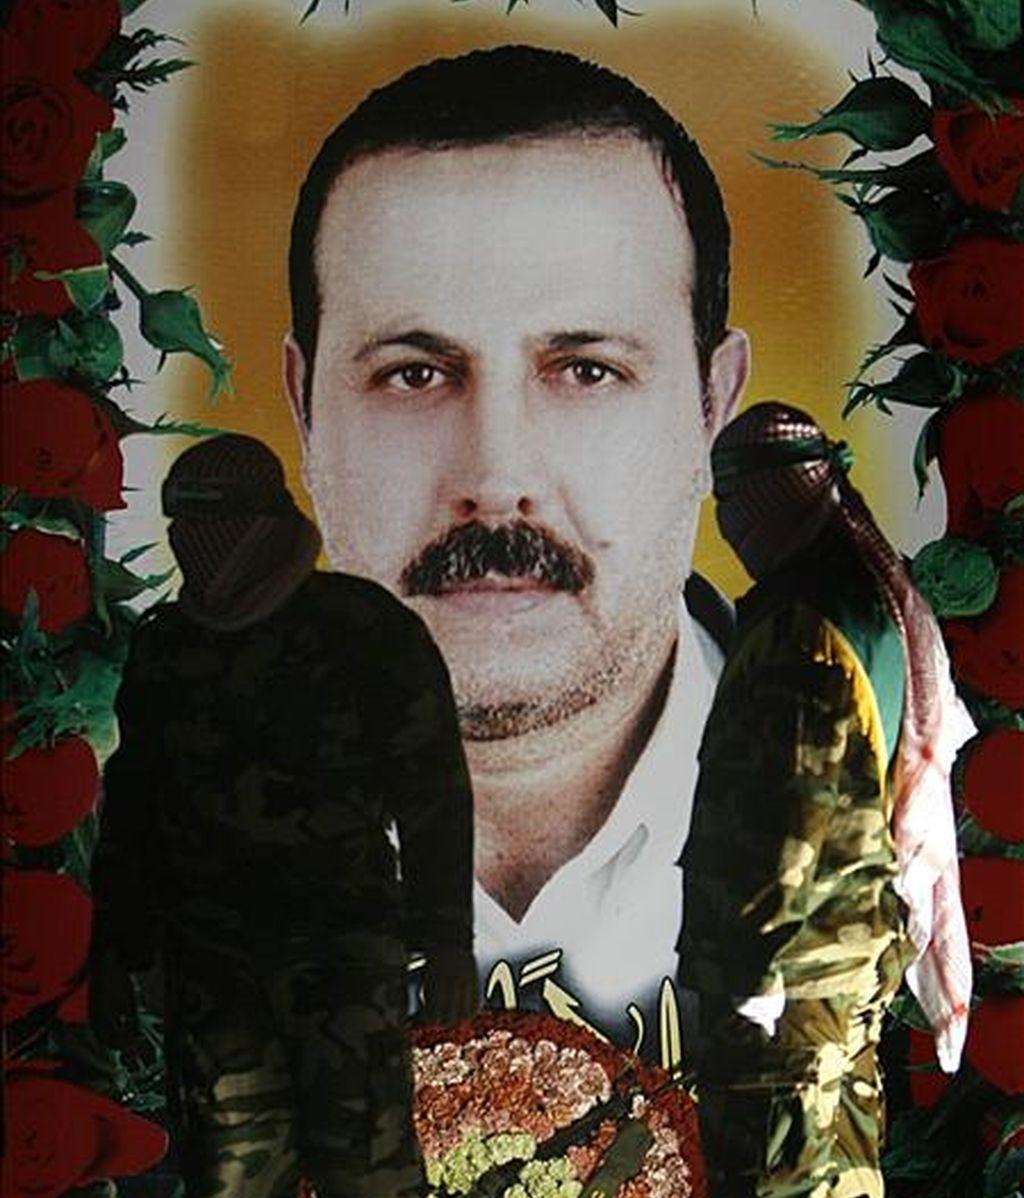 Un grupo de militantes del grupo Hamás posa junto a una fotografía del asesinado comandante militar de Hamas, Mahmoud al-Mabhouh. EFE/Archivo